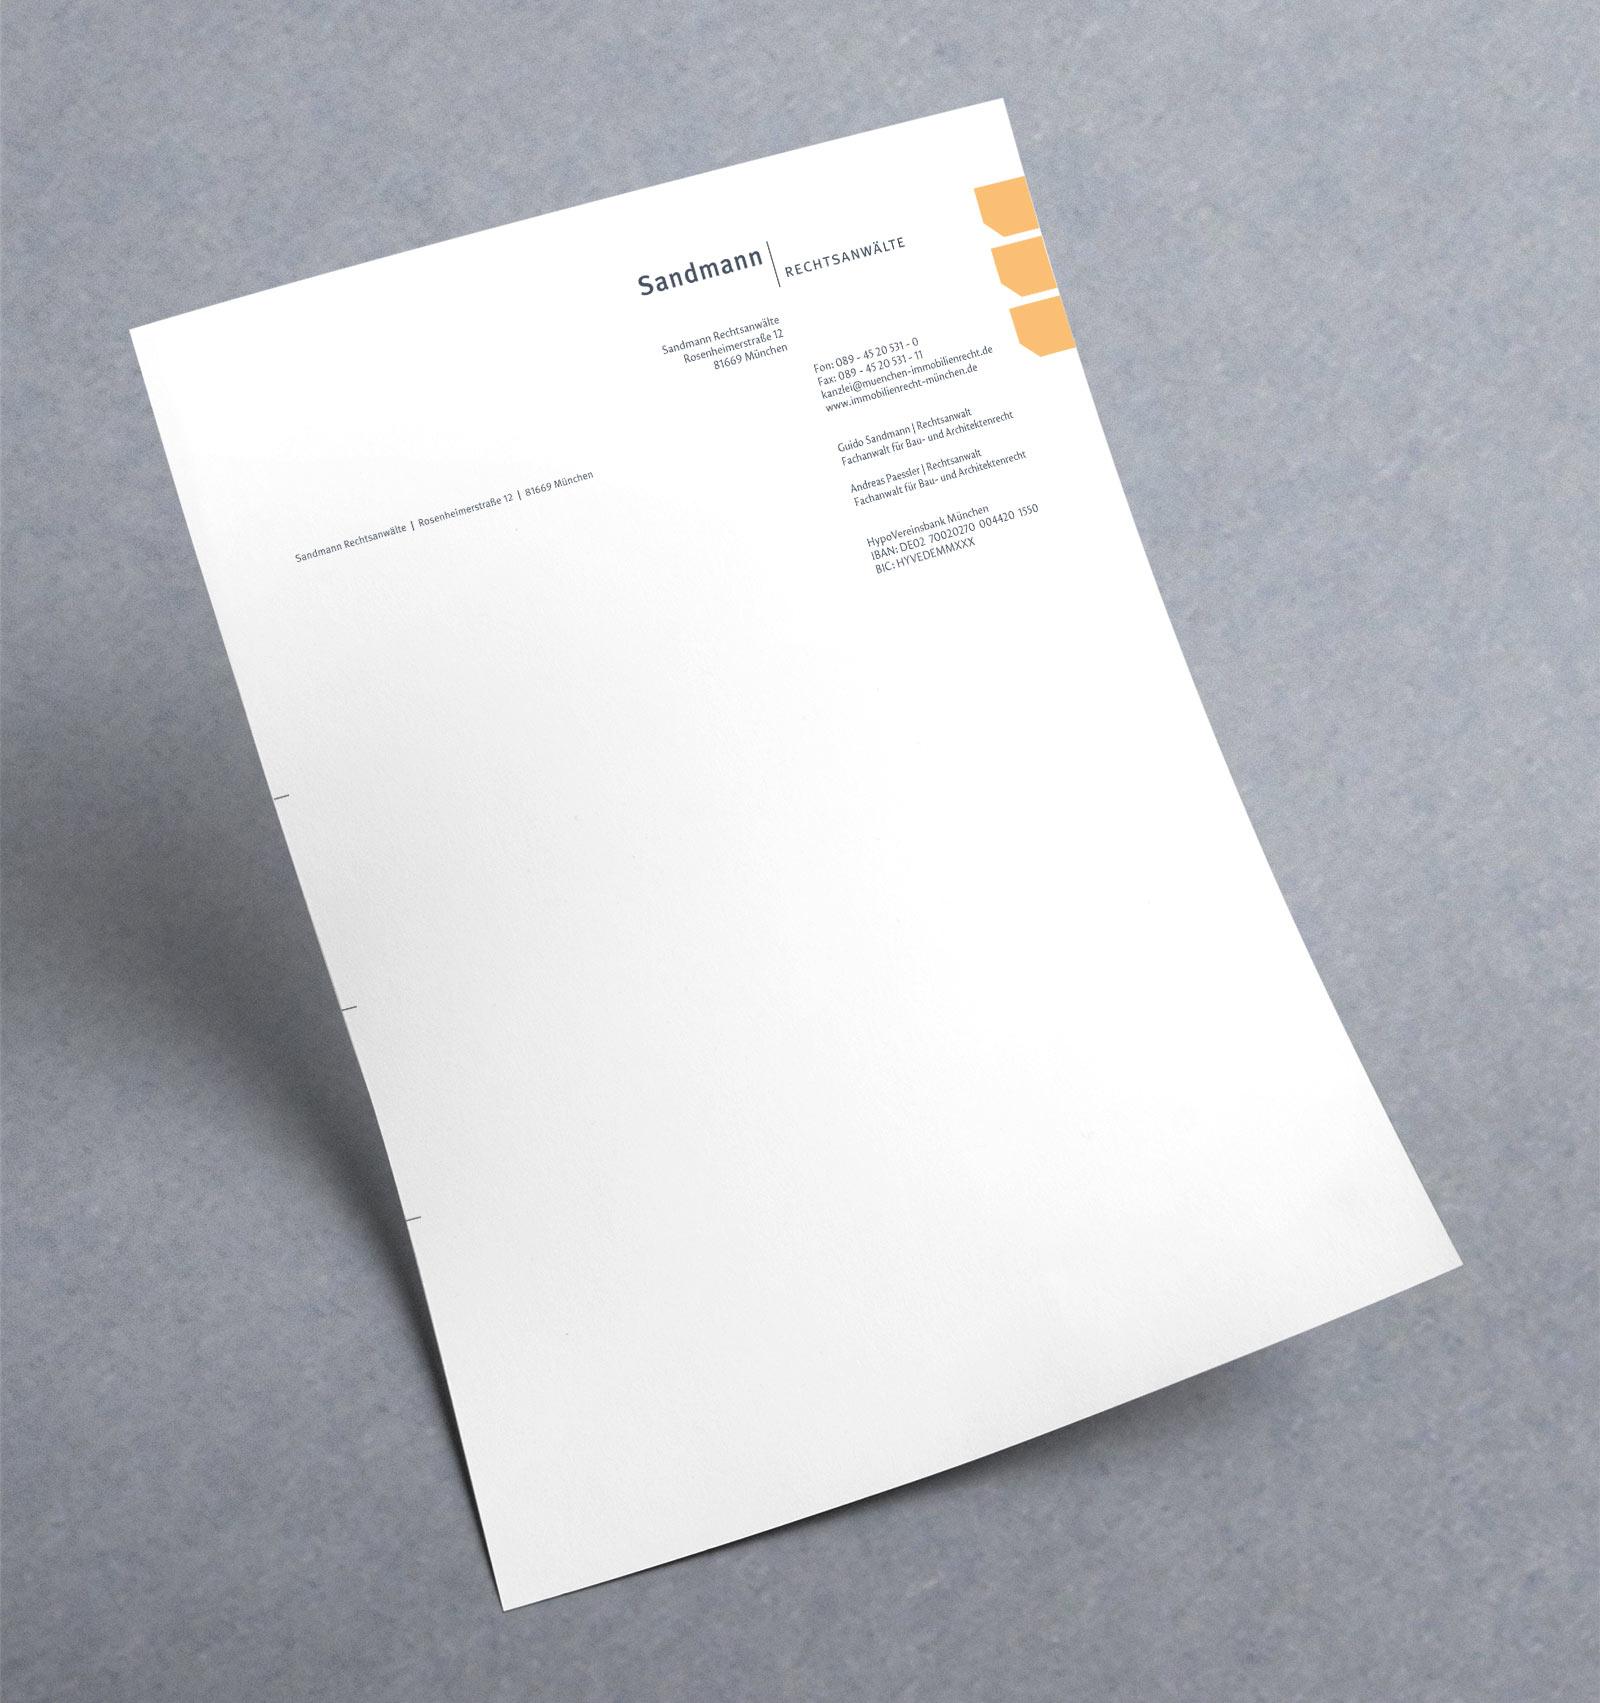 Werbeagentur Dachau - RA Sandmann Briefpapier